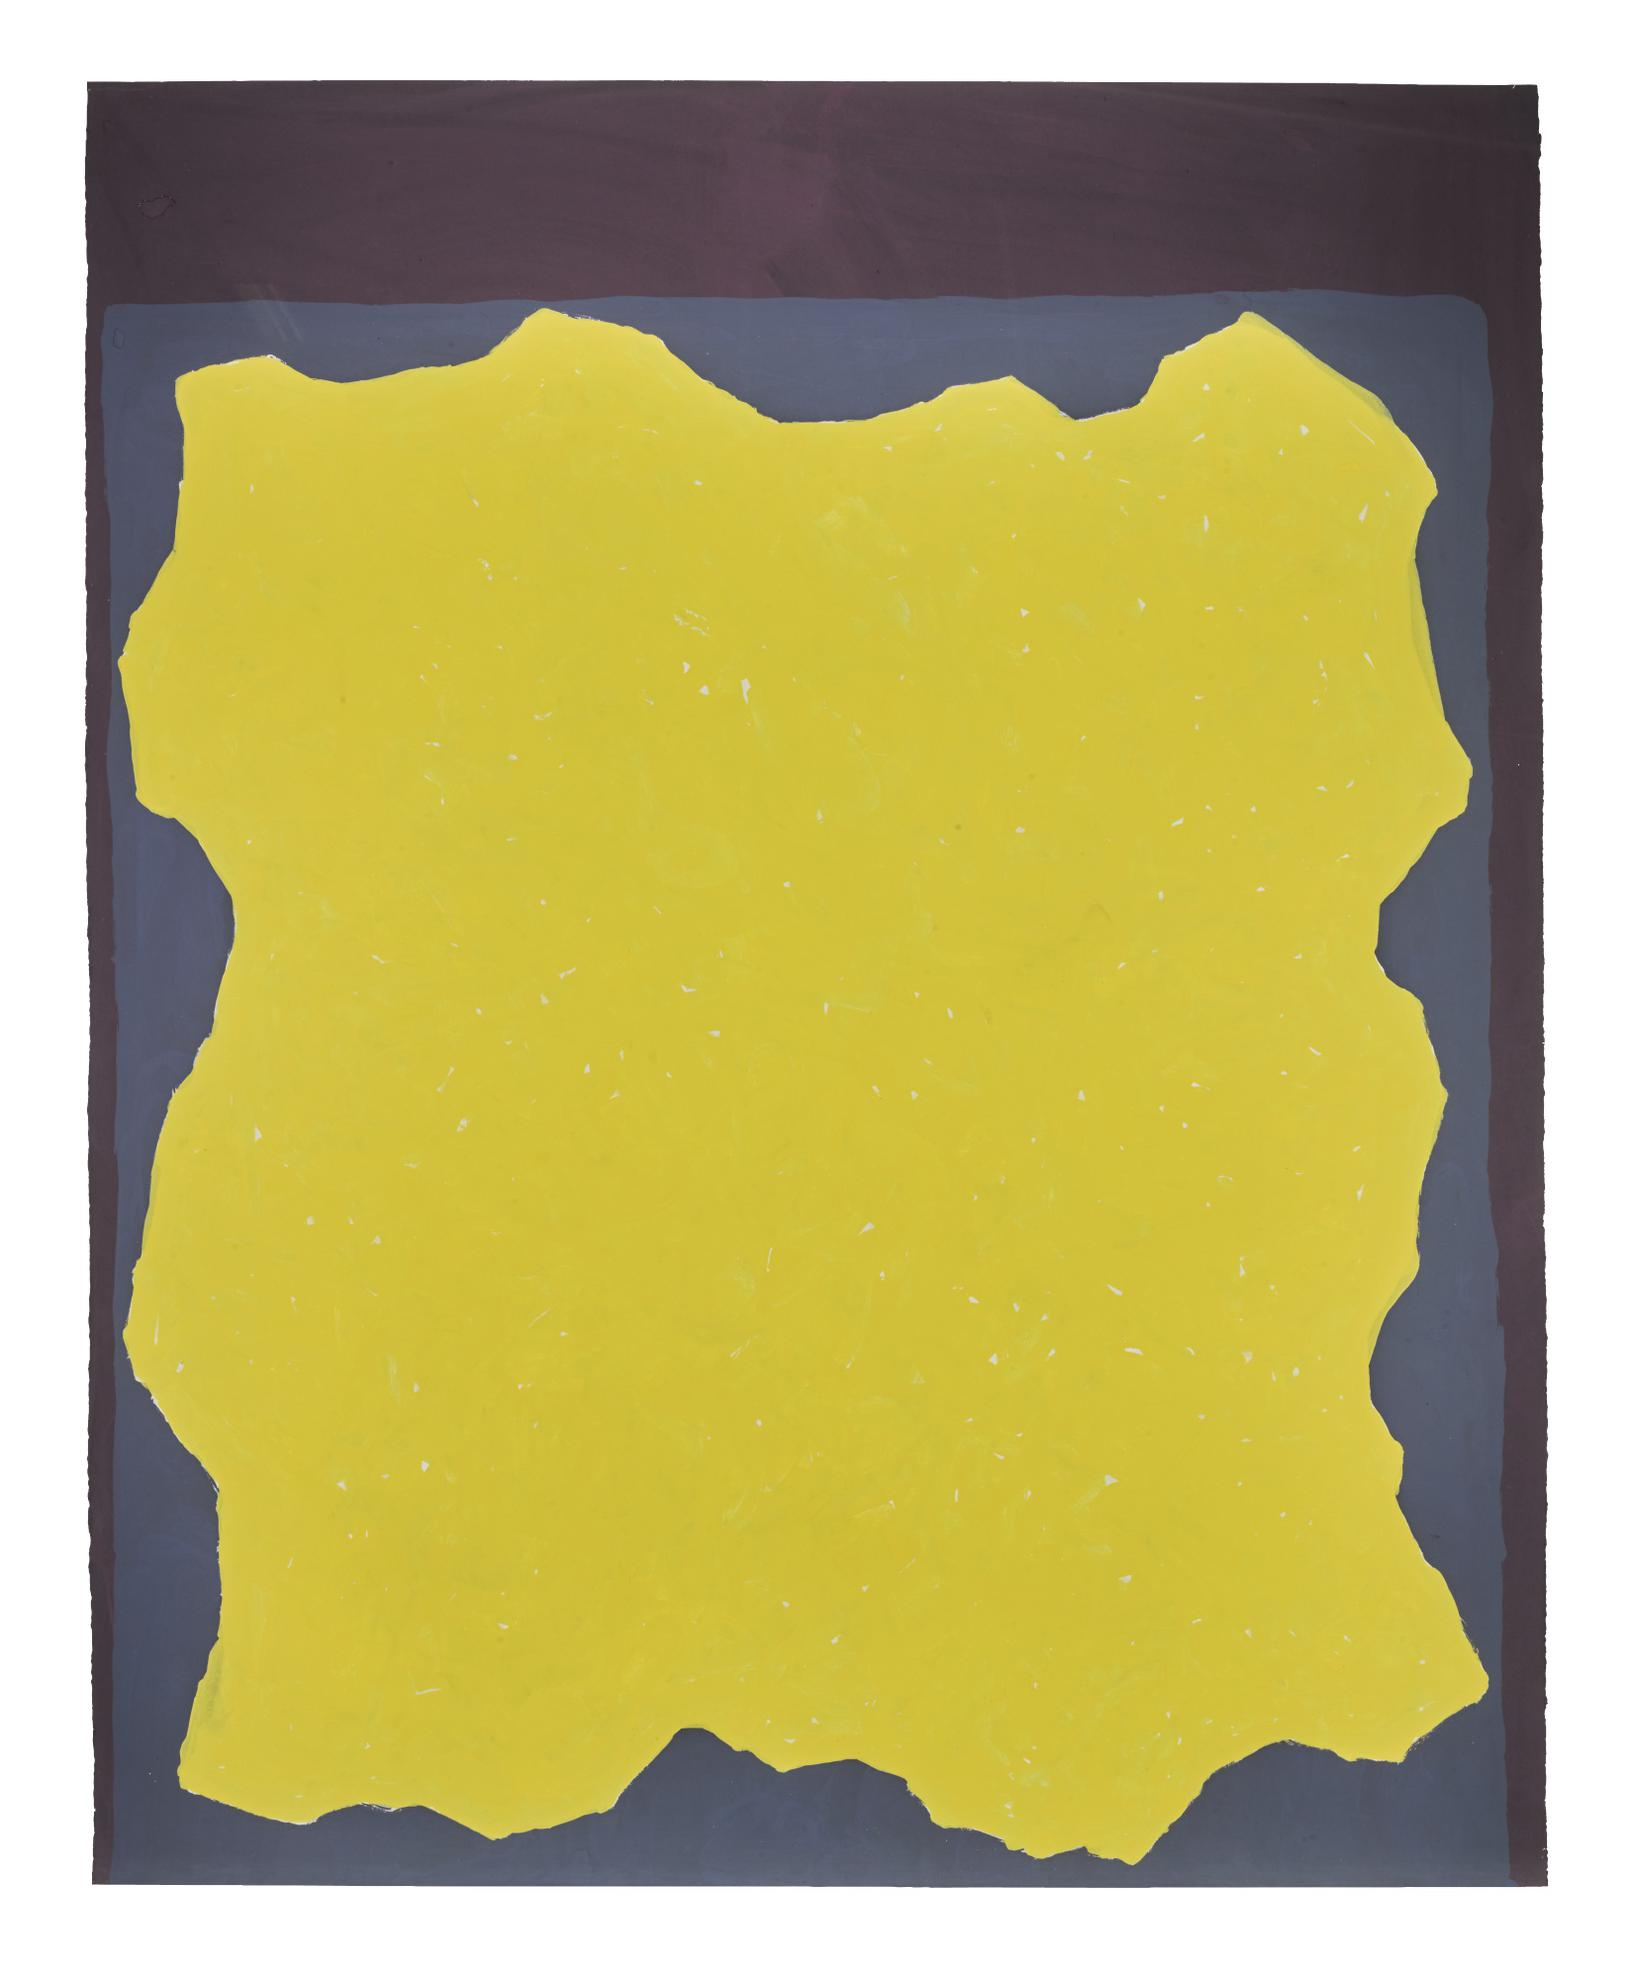 Sol LeWitt-Irregular Form-1998